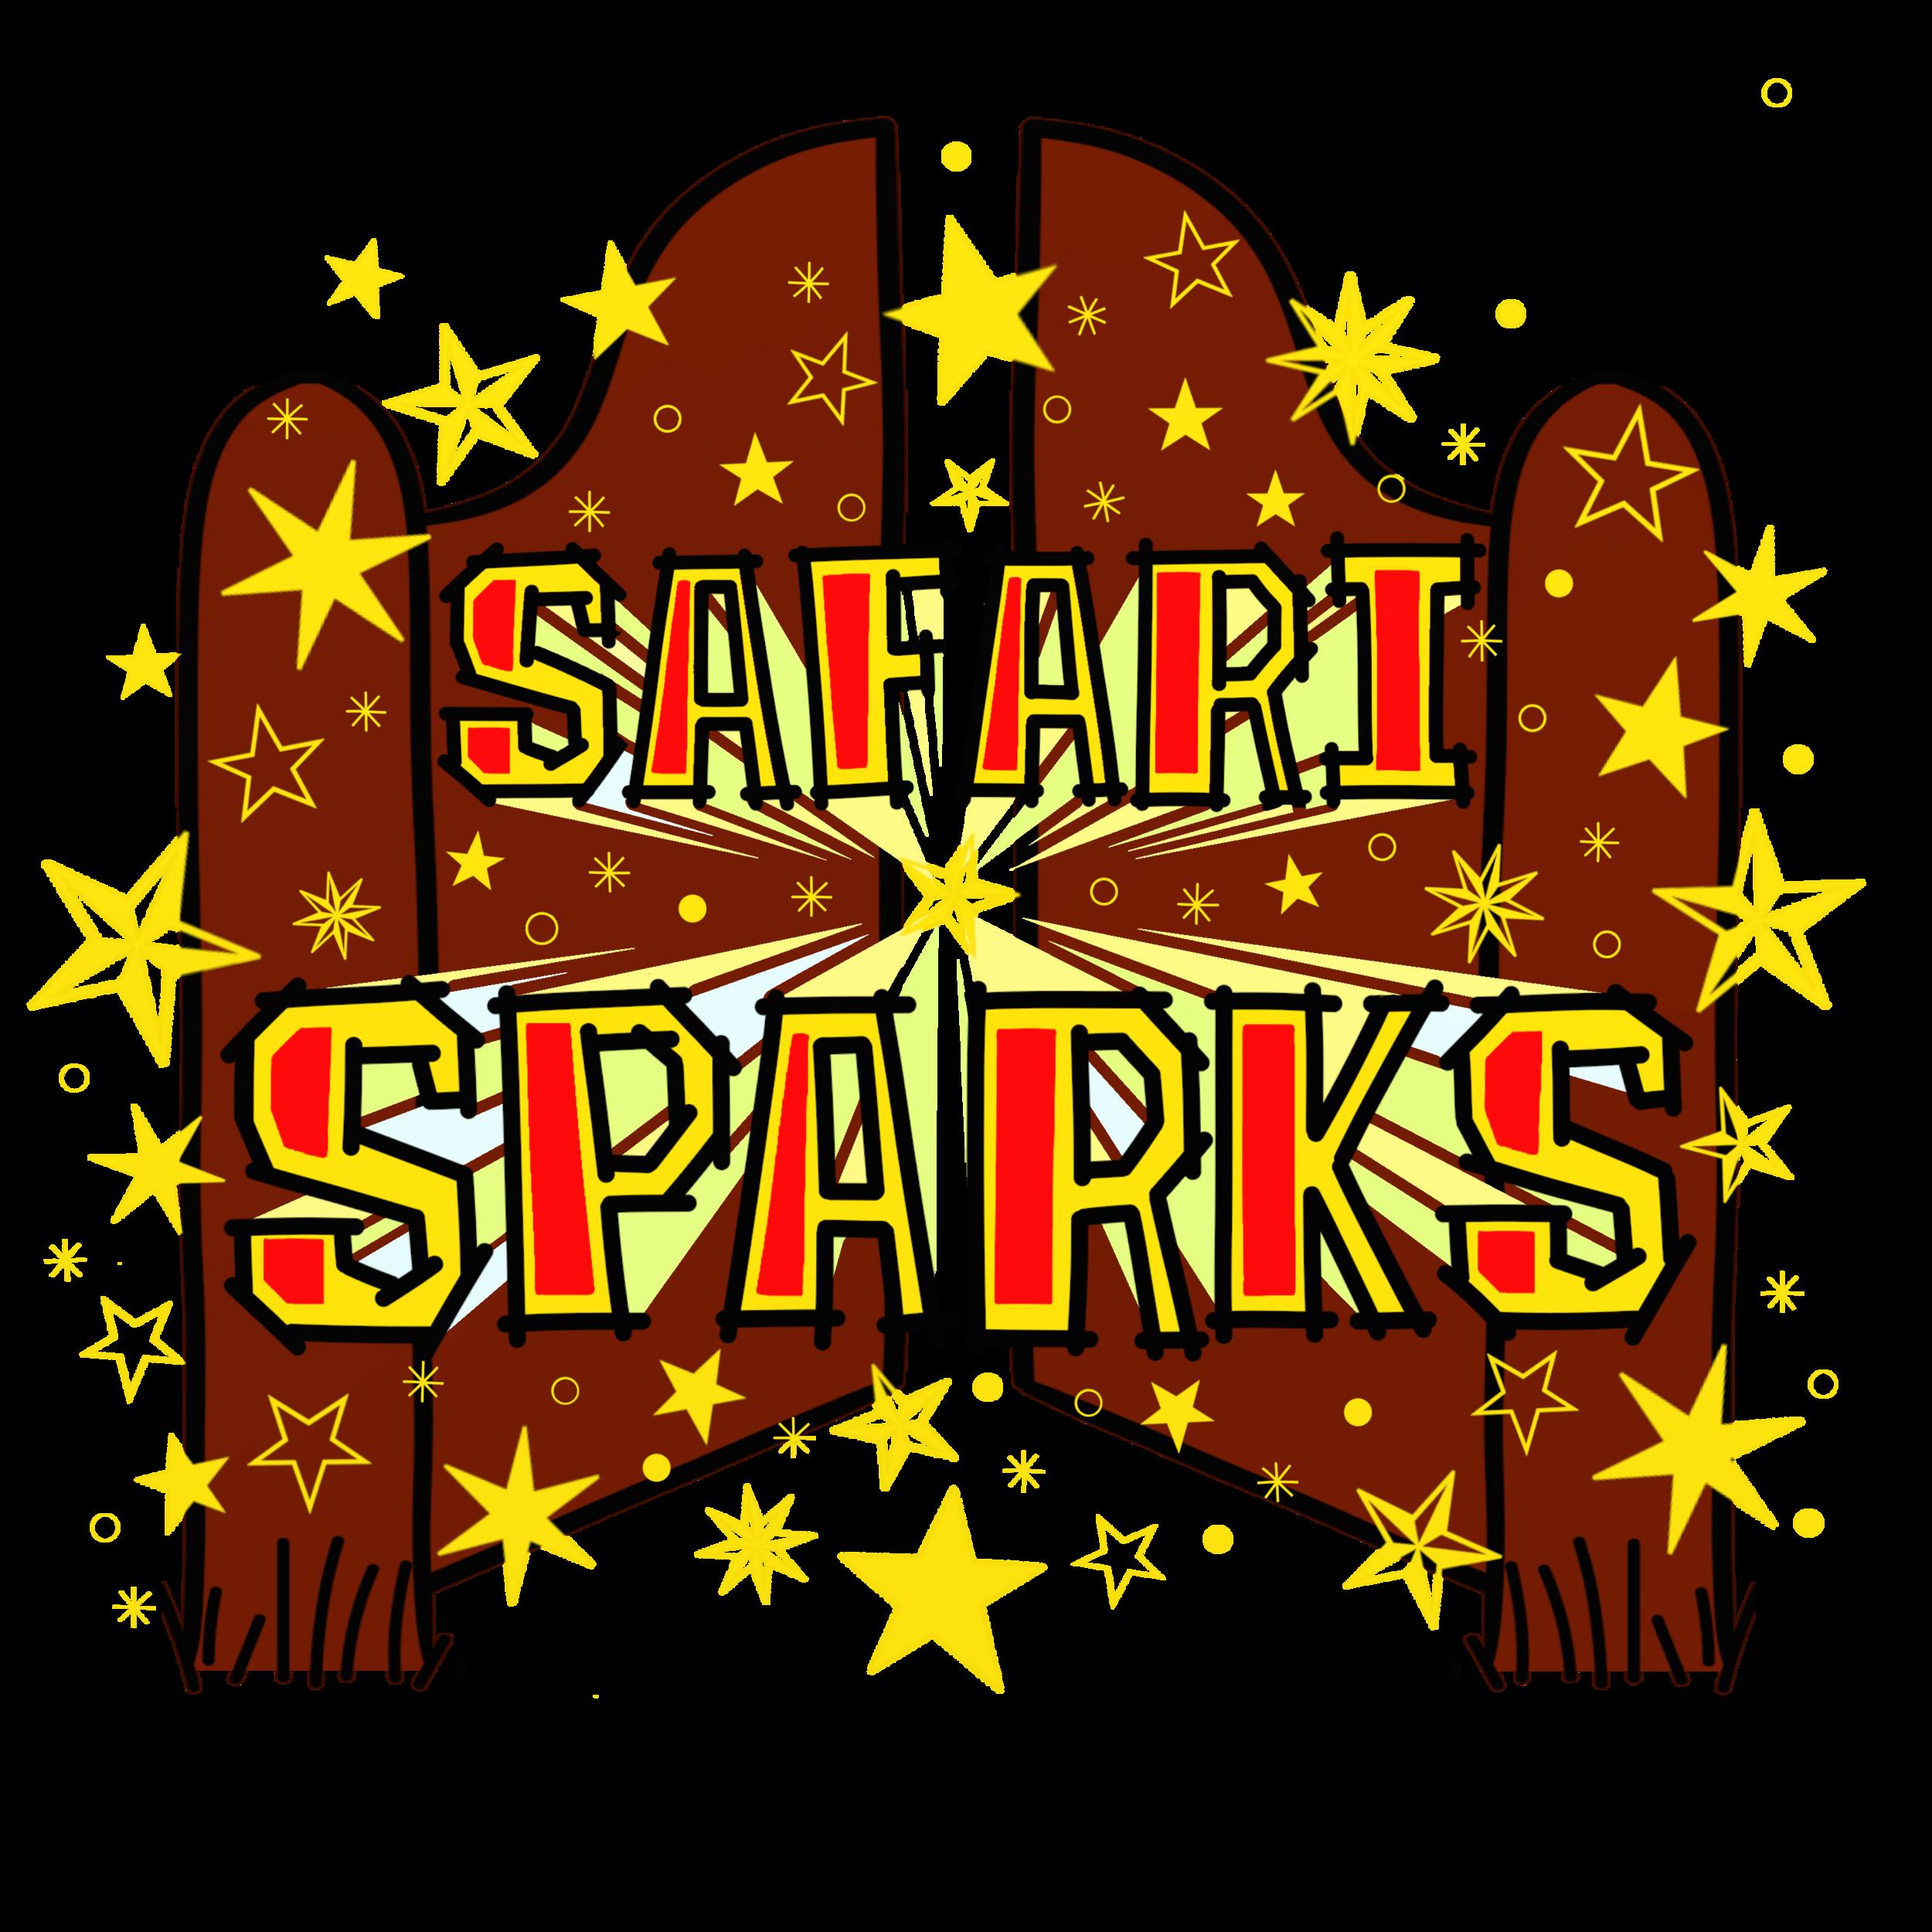 safarisparks1.png